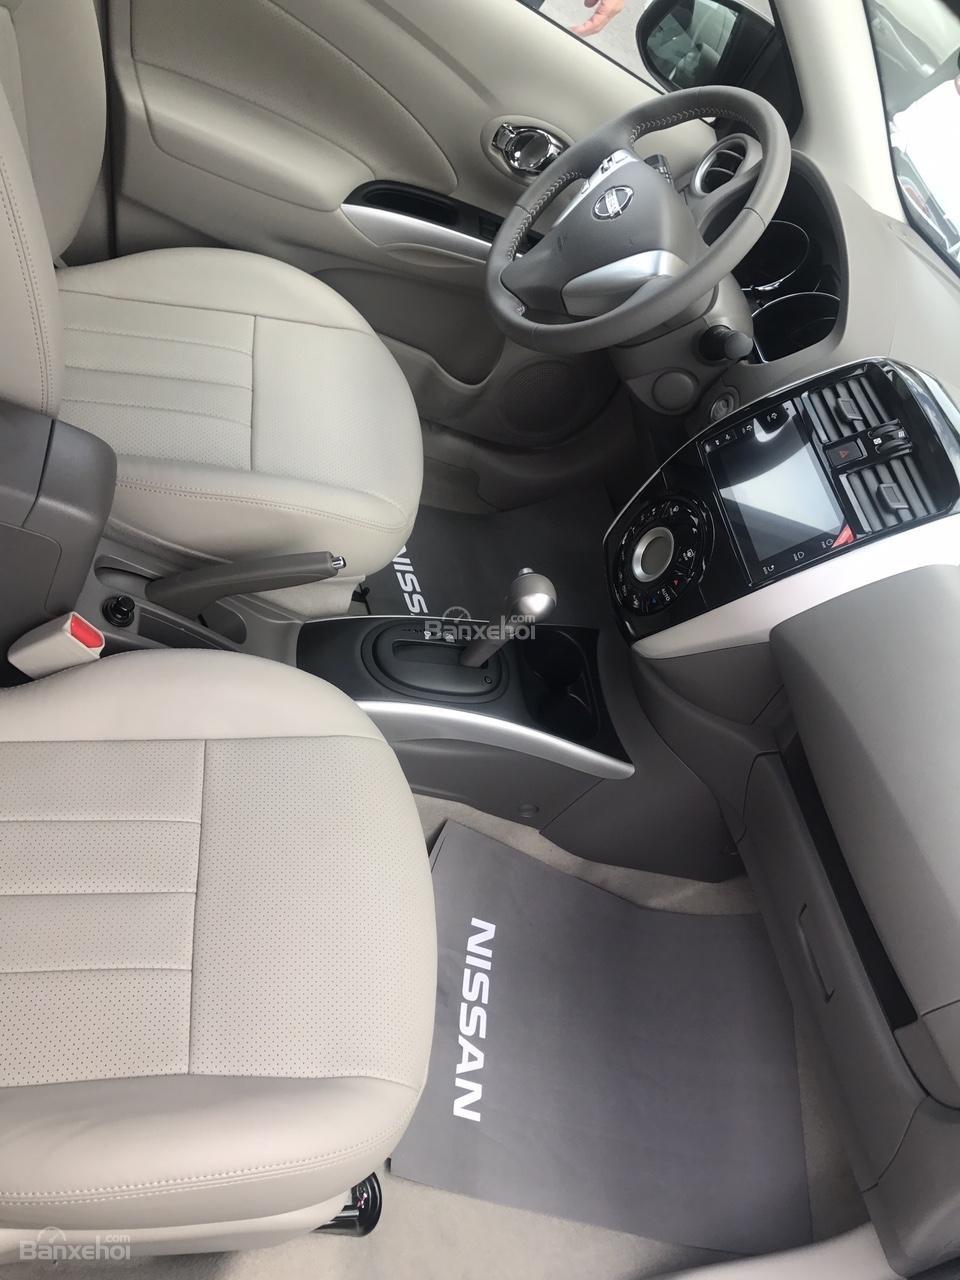 Bán Nissan Sunny XV-Q-Series - phiên bản bản hoàn toàn mới - giảm giá lên đến 40 triệu đồng-8